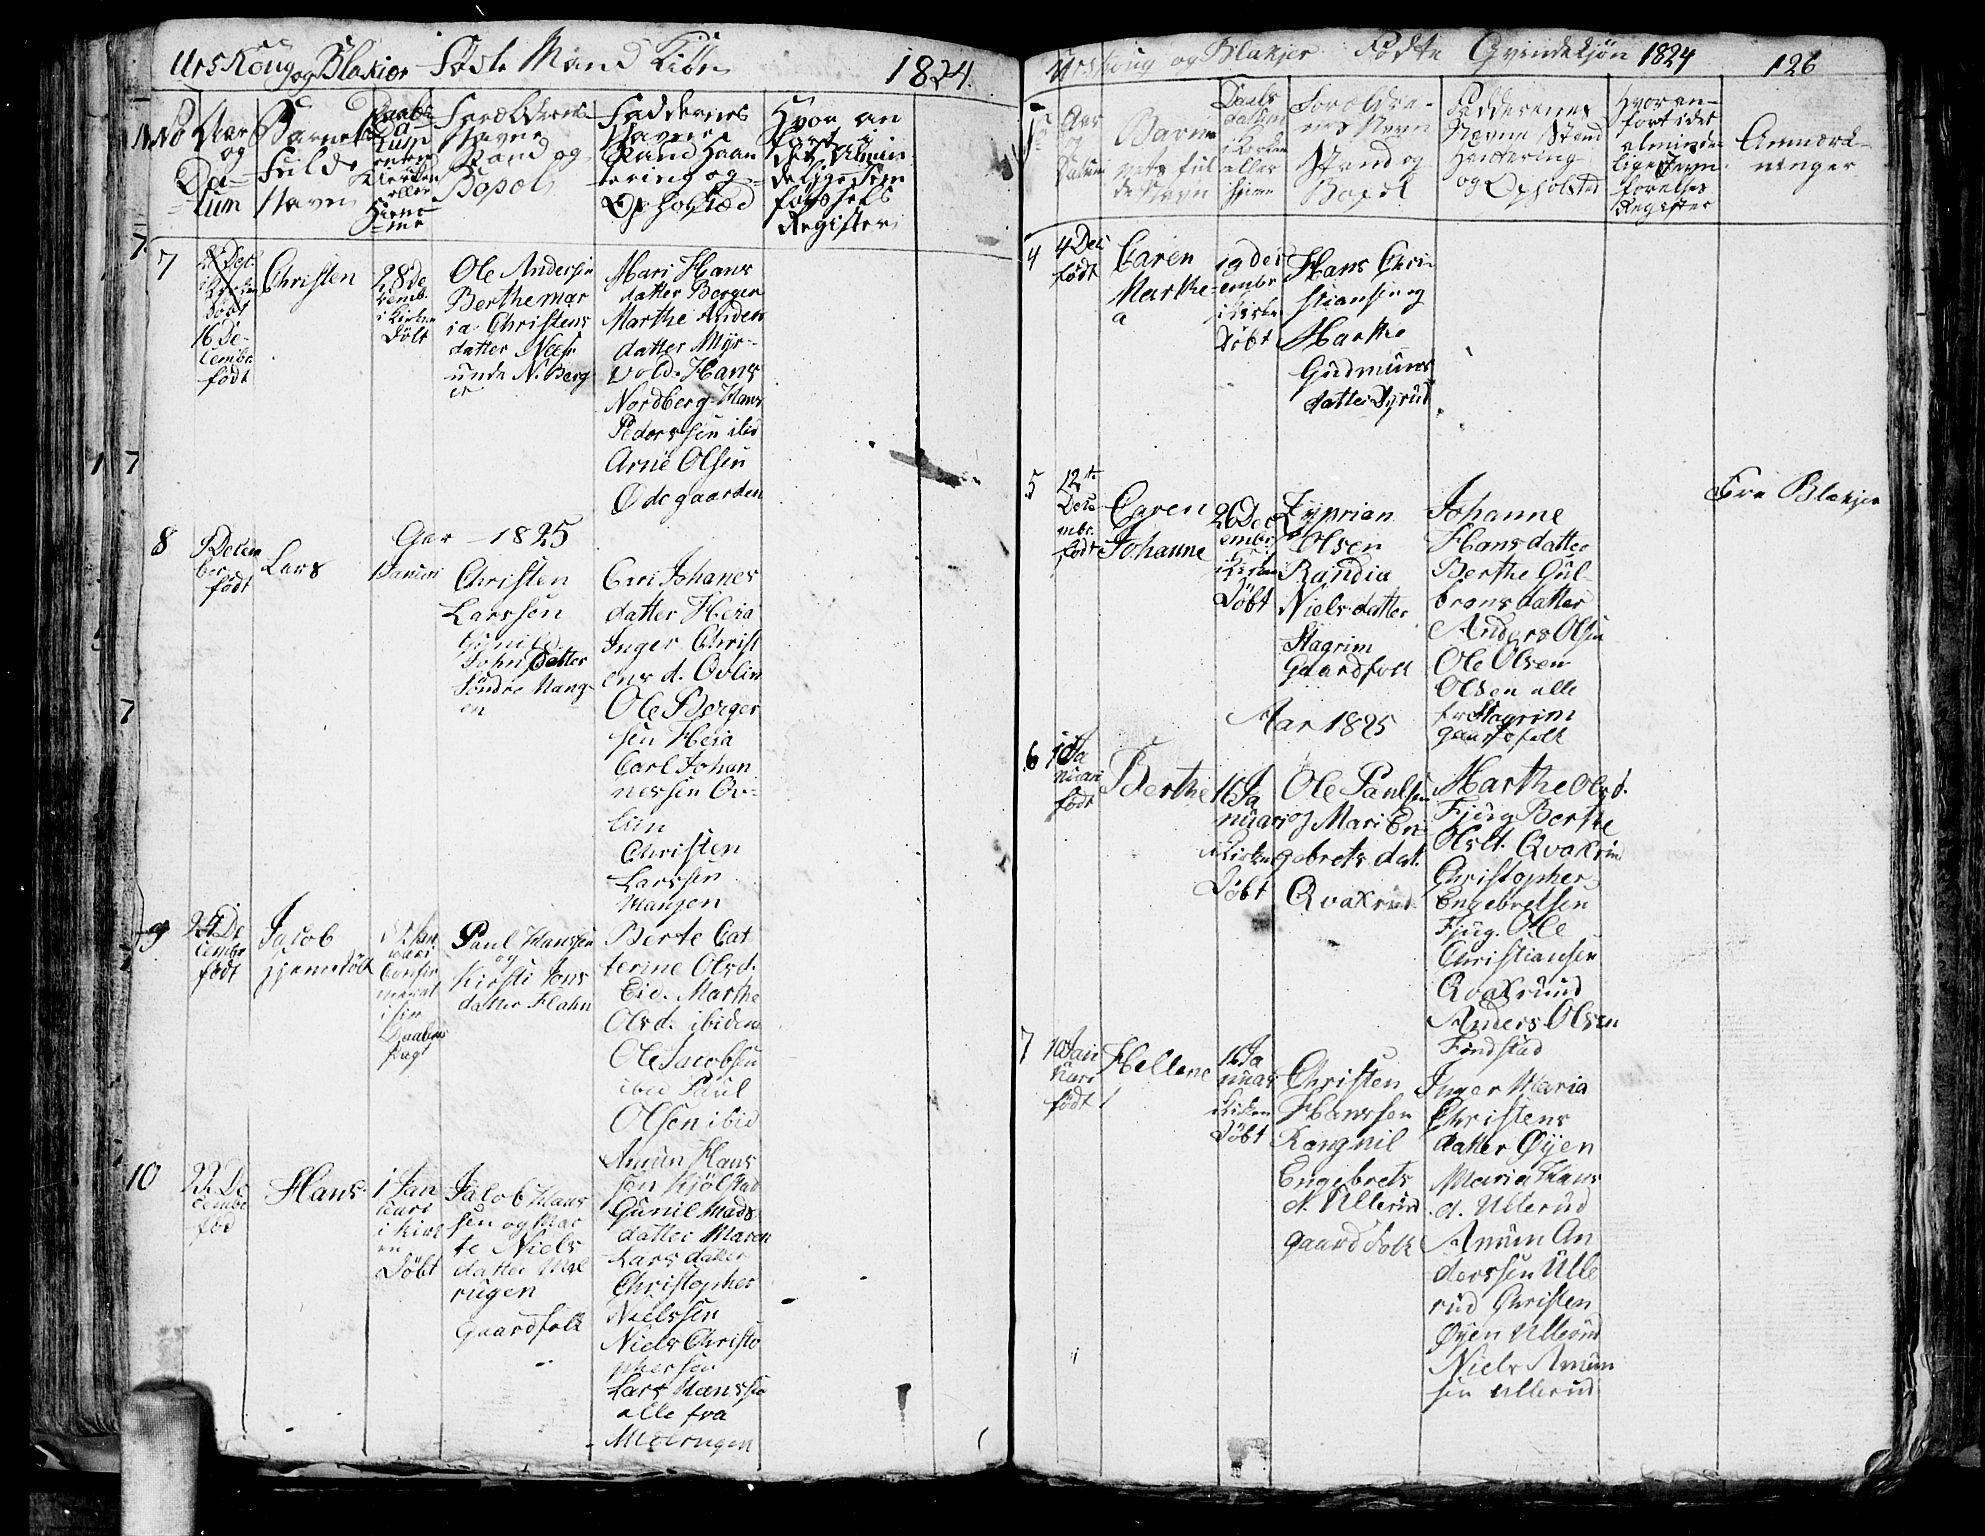 SAO, Aurskog prestekontor Kirkebøker, G/Ga/L0001: Klokkerbok nr. I 1, 1814-1829, s. 126